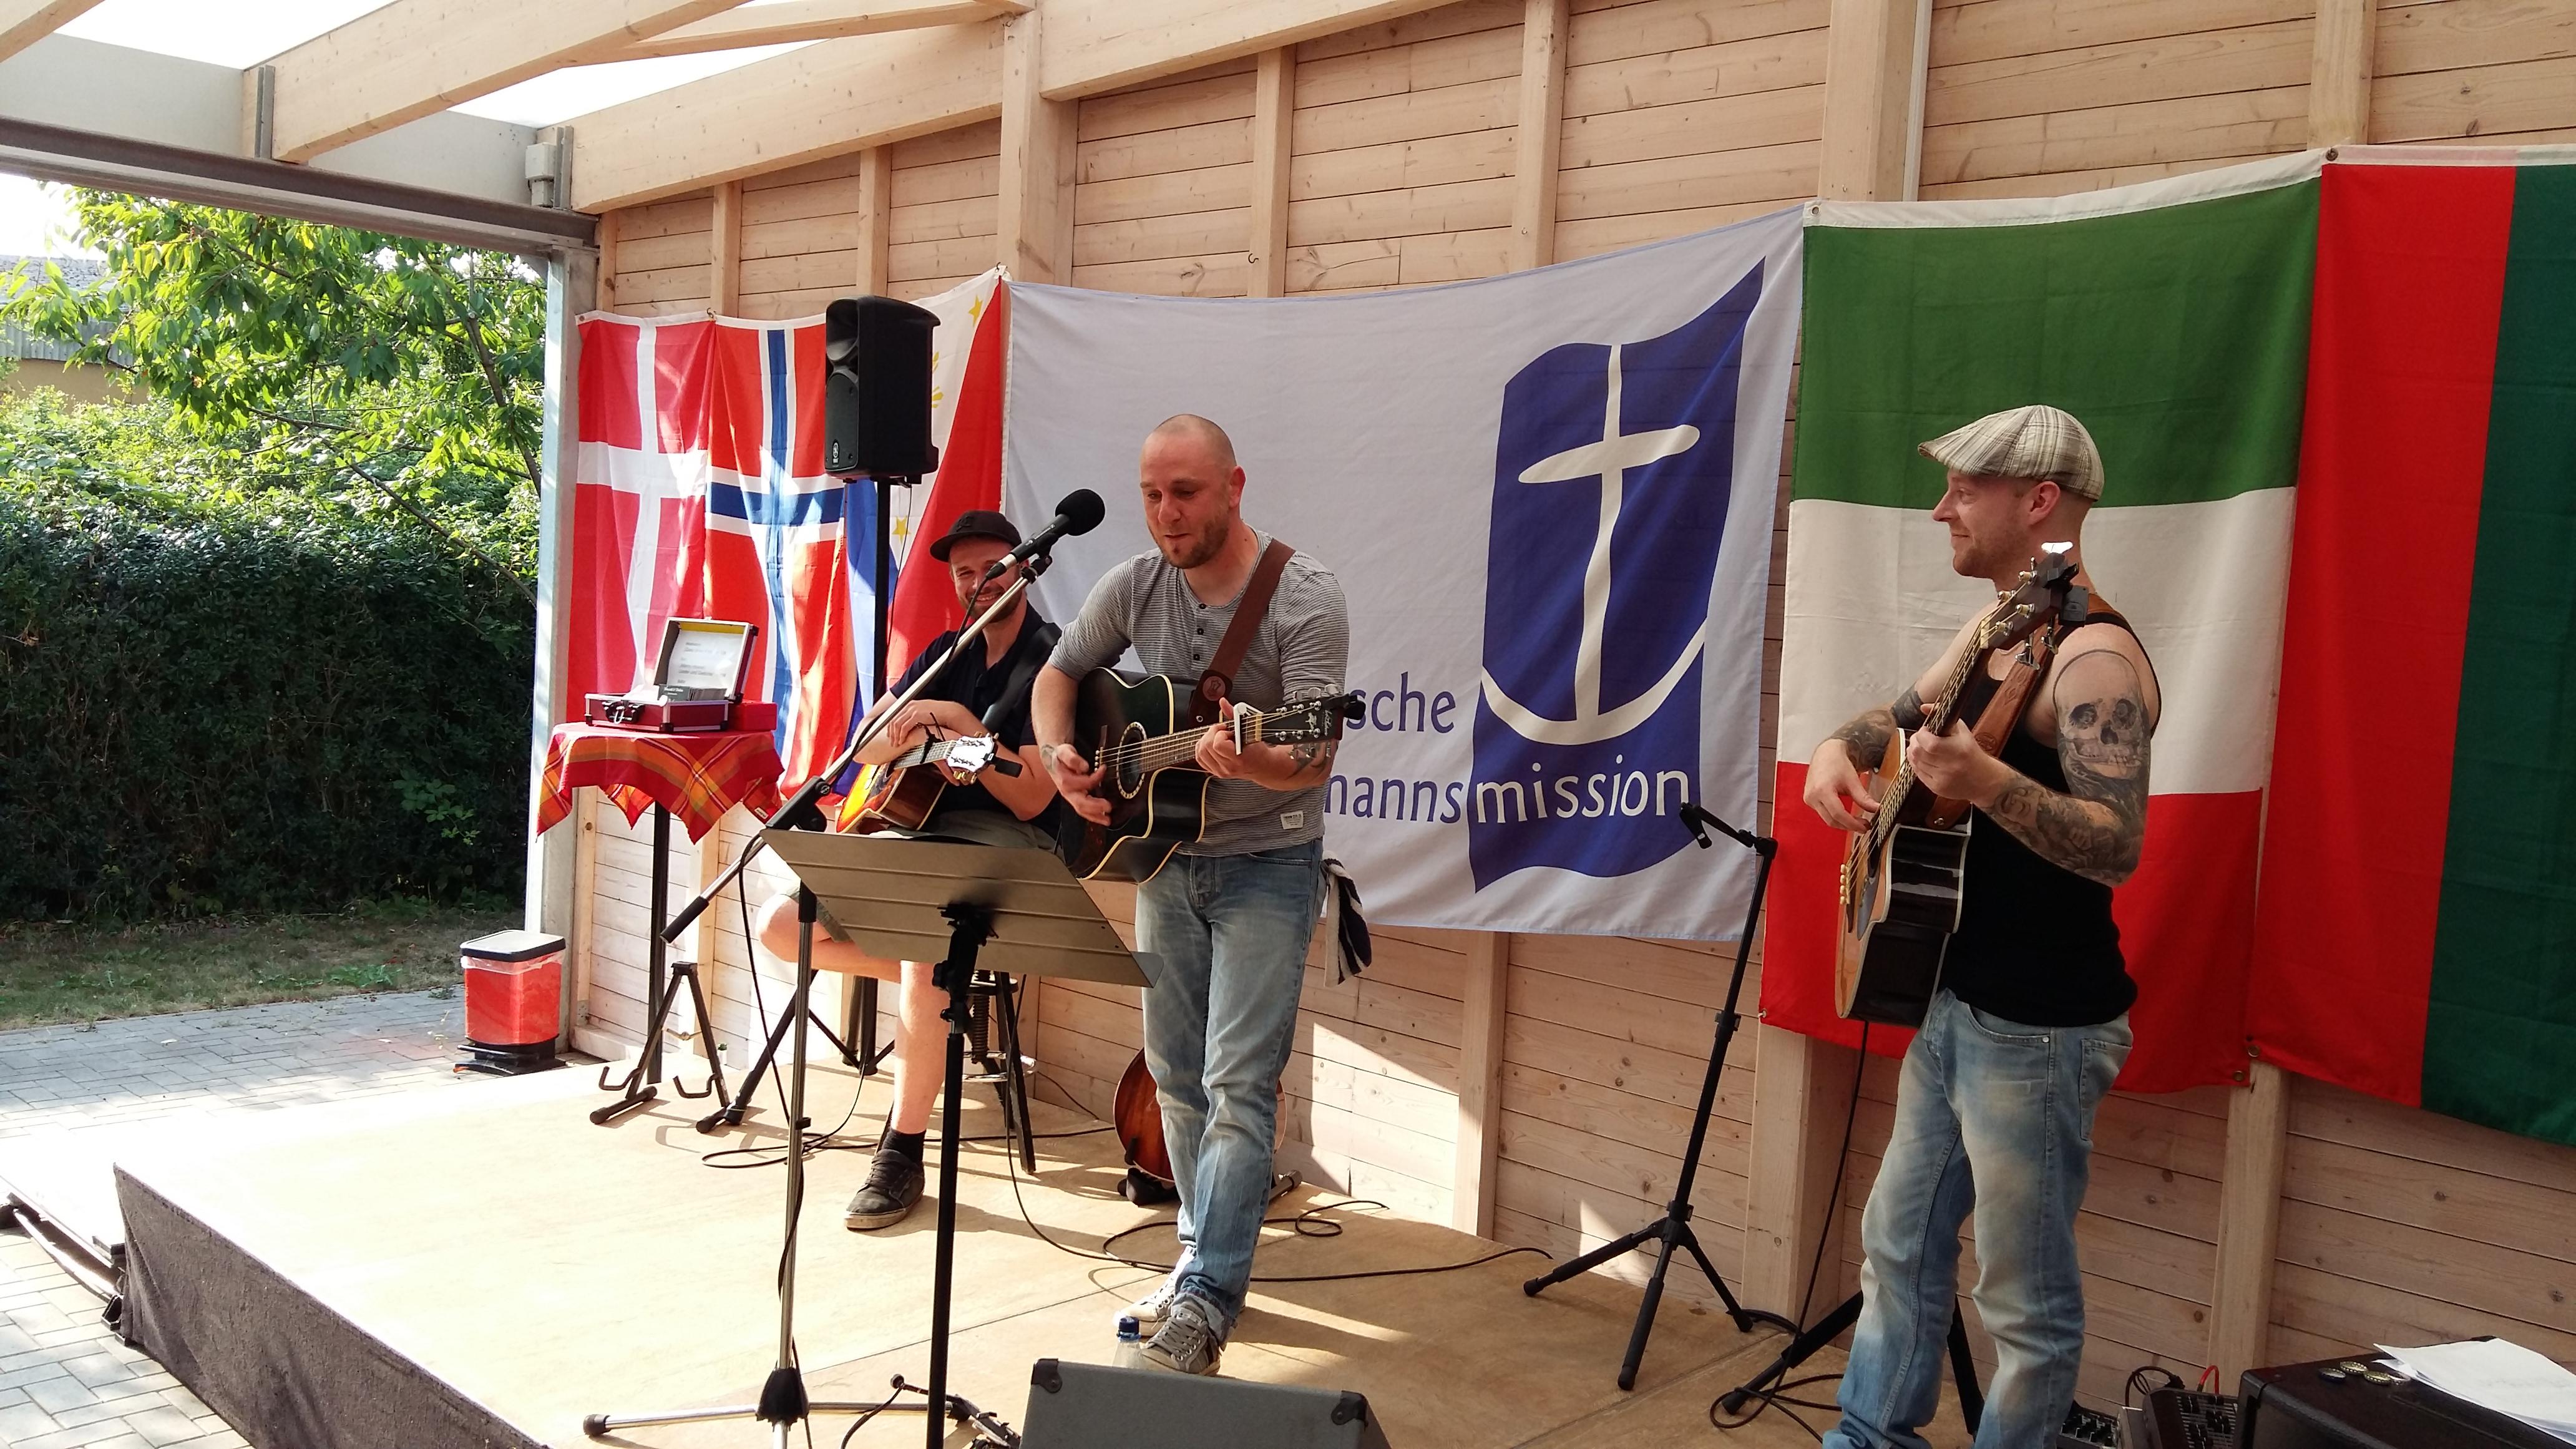 Die Band Marno Howald aus Bremen bei ihrem Auftritt bei der Künstlerbörsein der Seemannsmission.